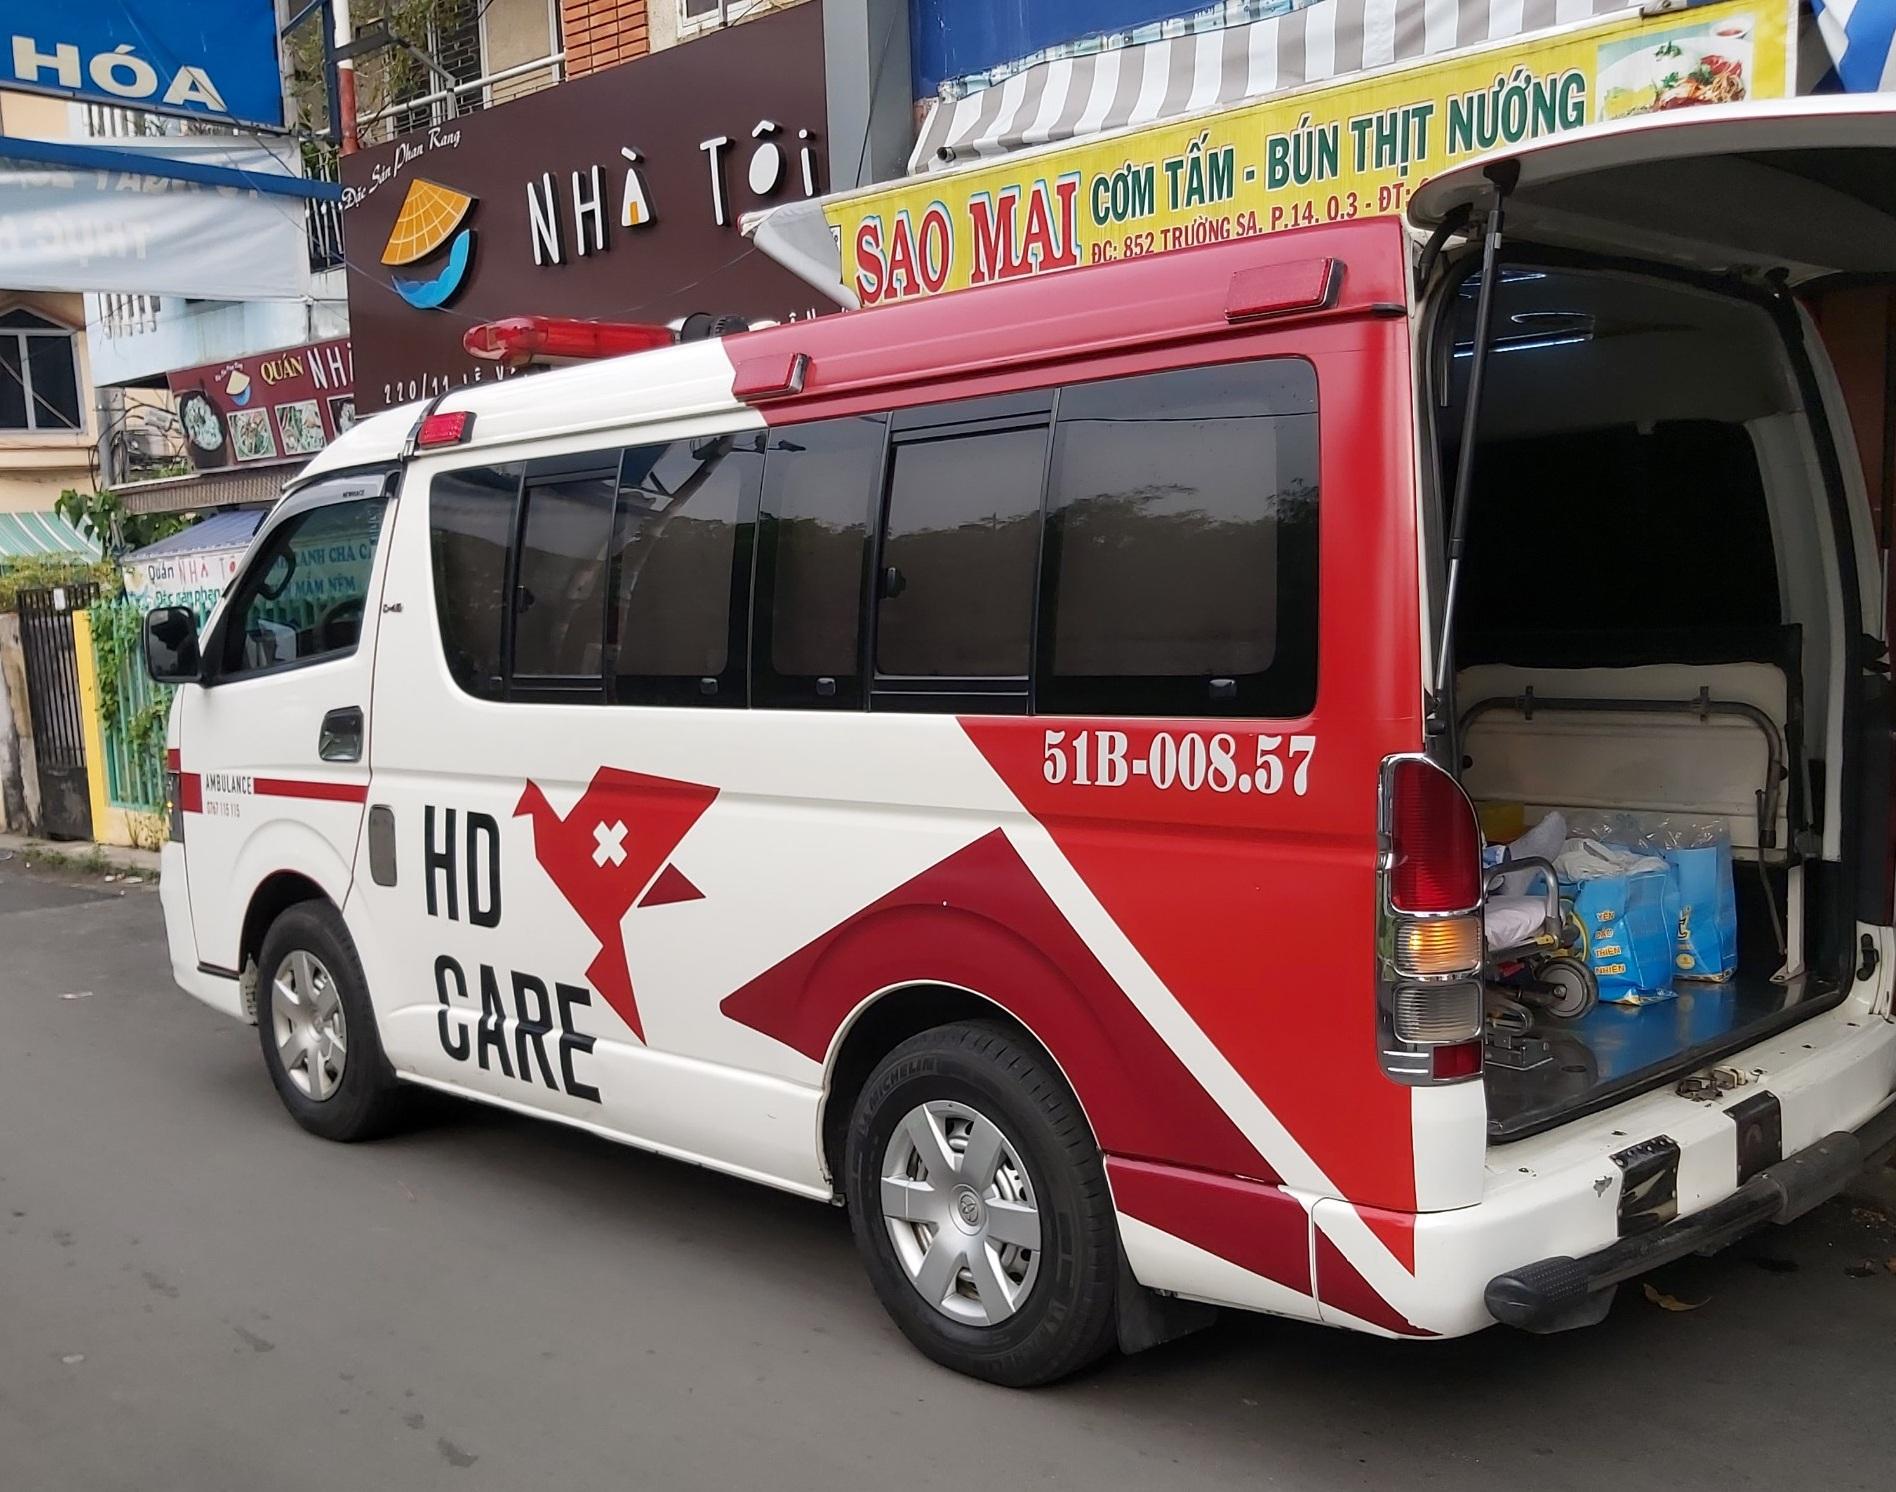 Xe cứu thương 115 HDCare